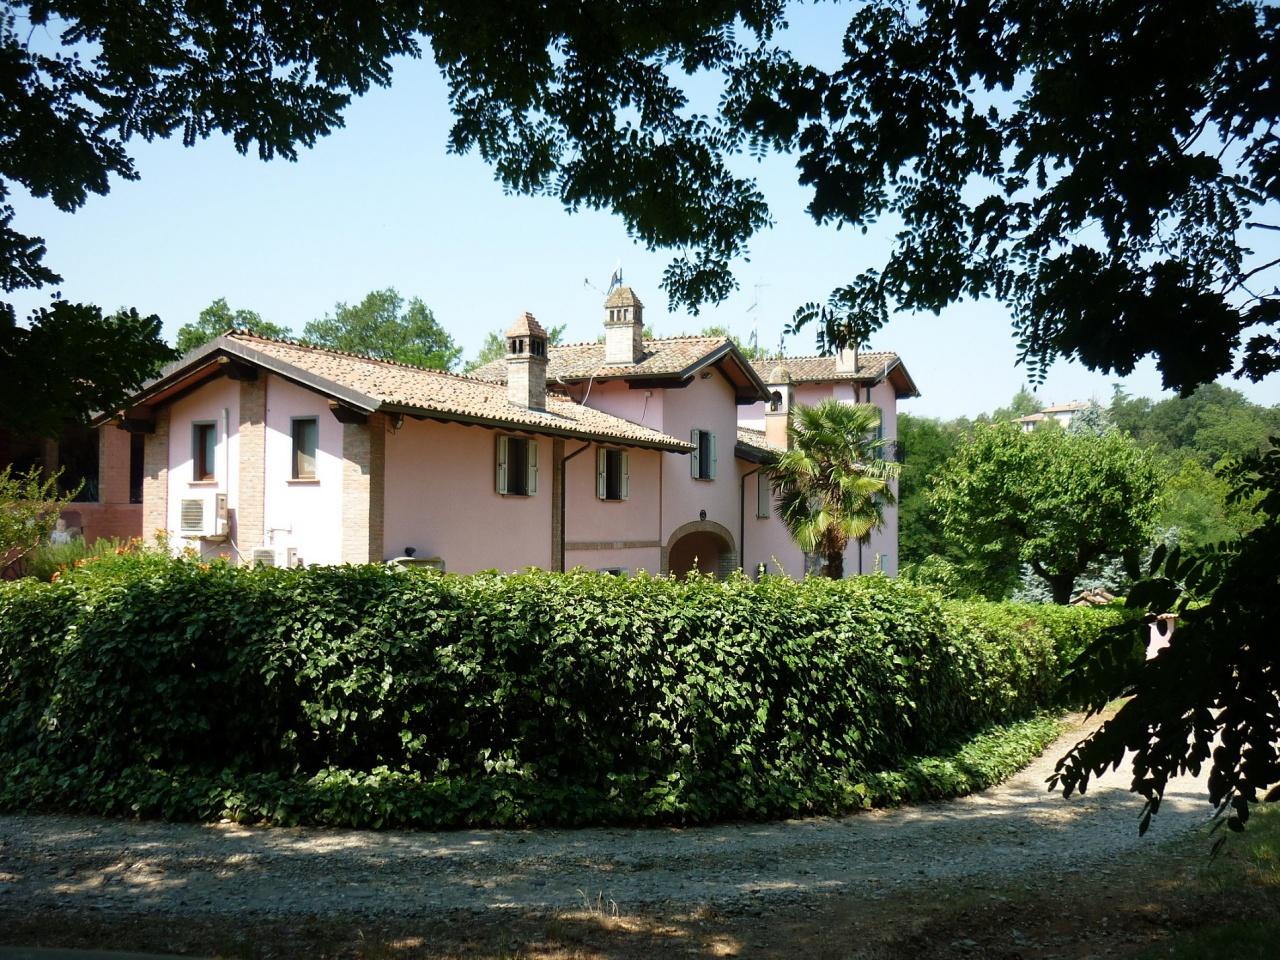 Rustico / Casale in vendita a San Giorgio Piacentino, 8 locali, prezzo € 1.800.000 | CambioCasa.it